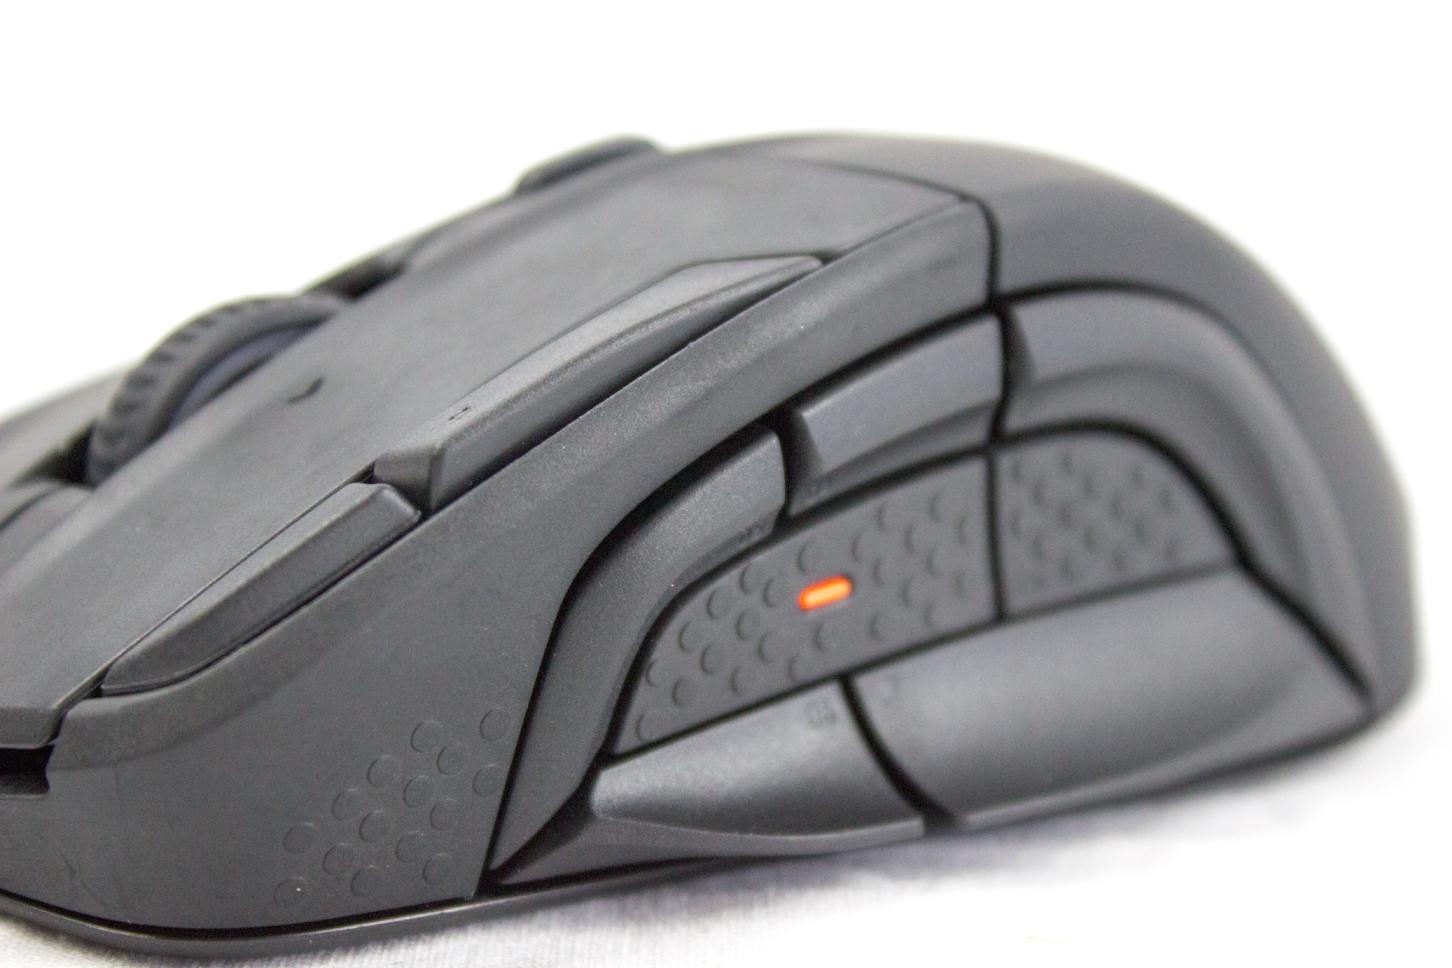 Bild von Test: SteelSeries Rival 500 – große RPG-Maus?